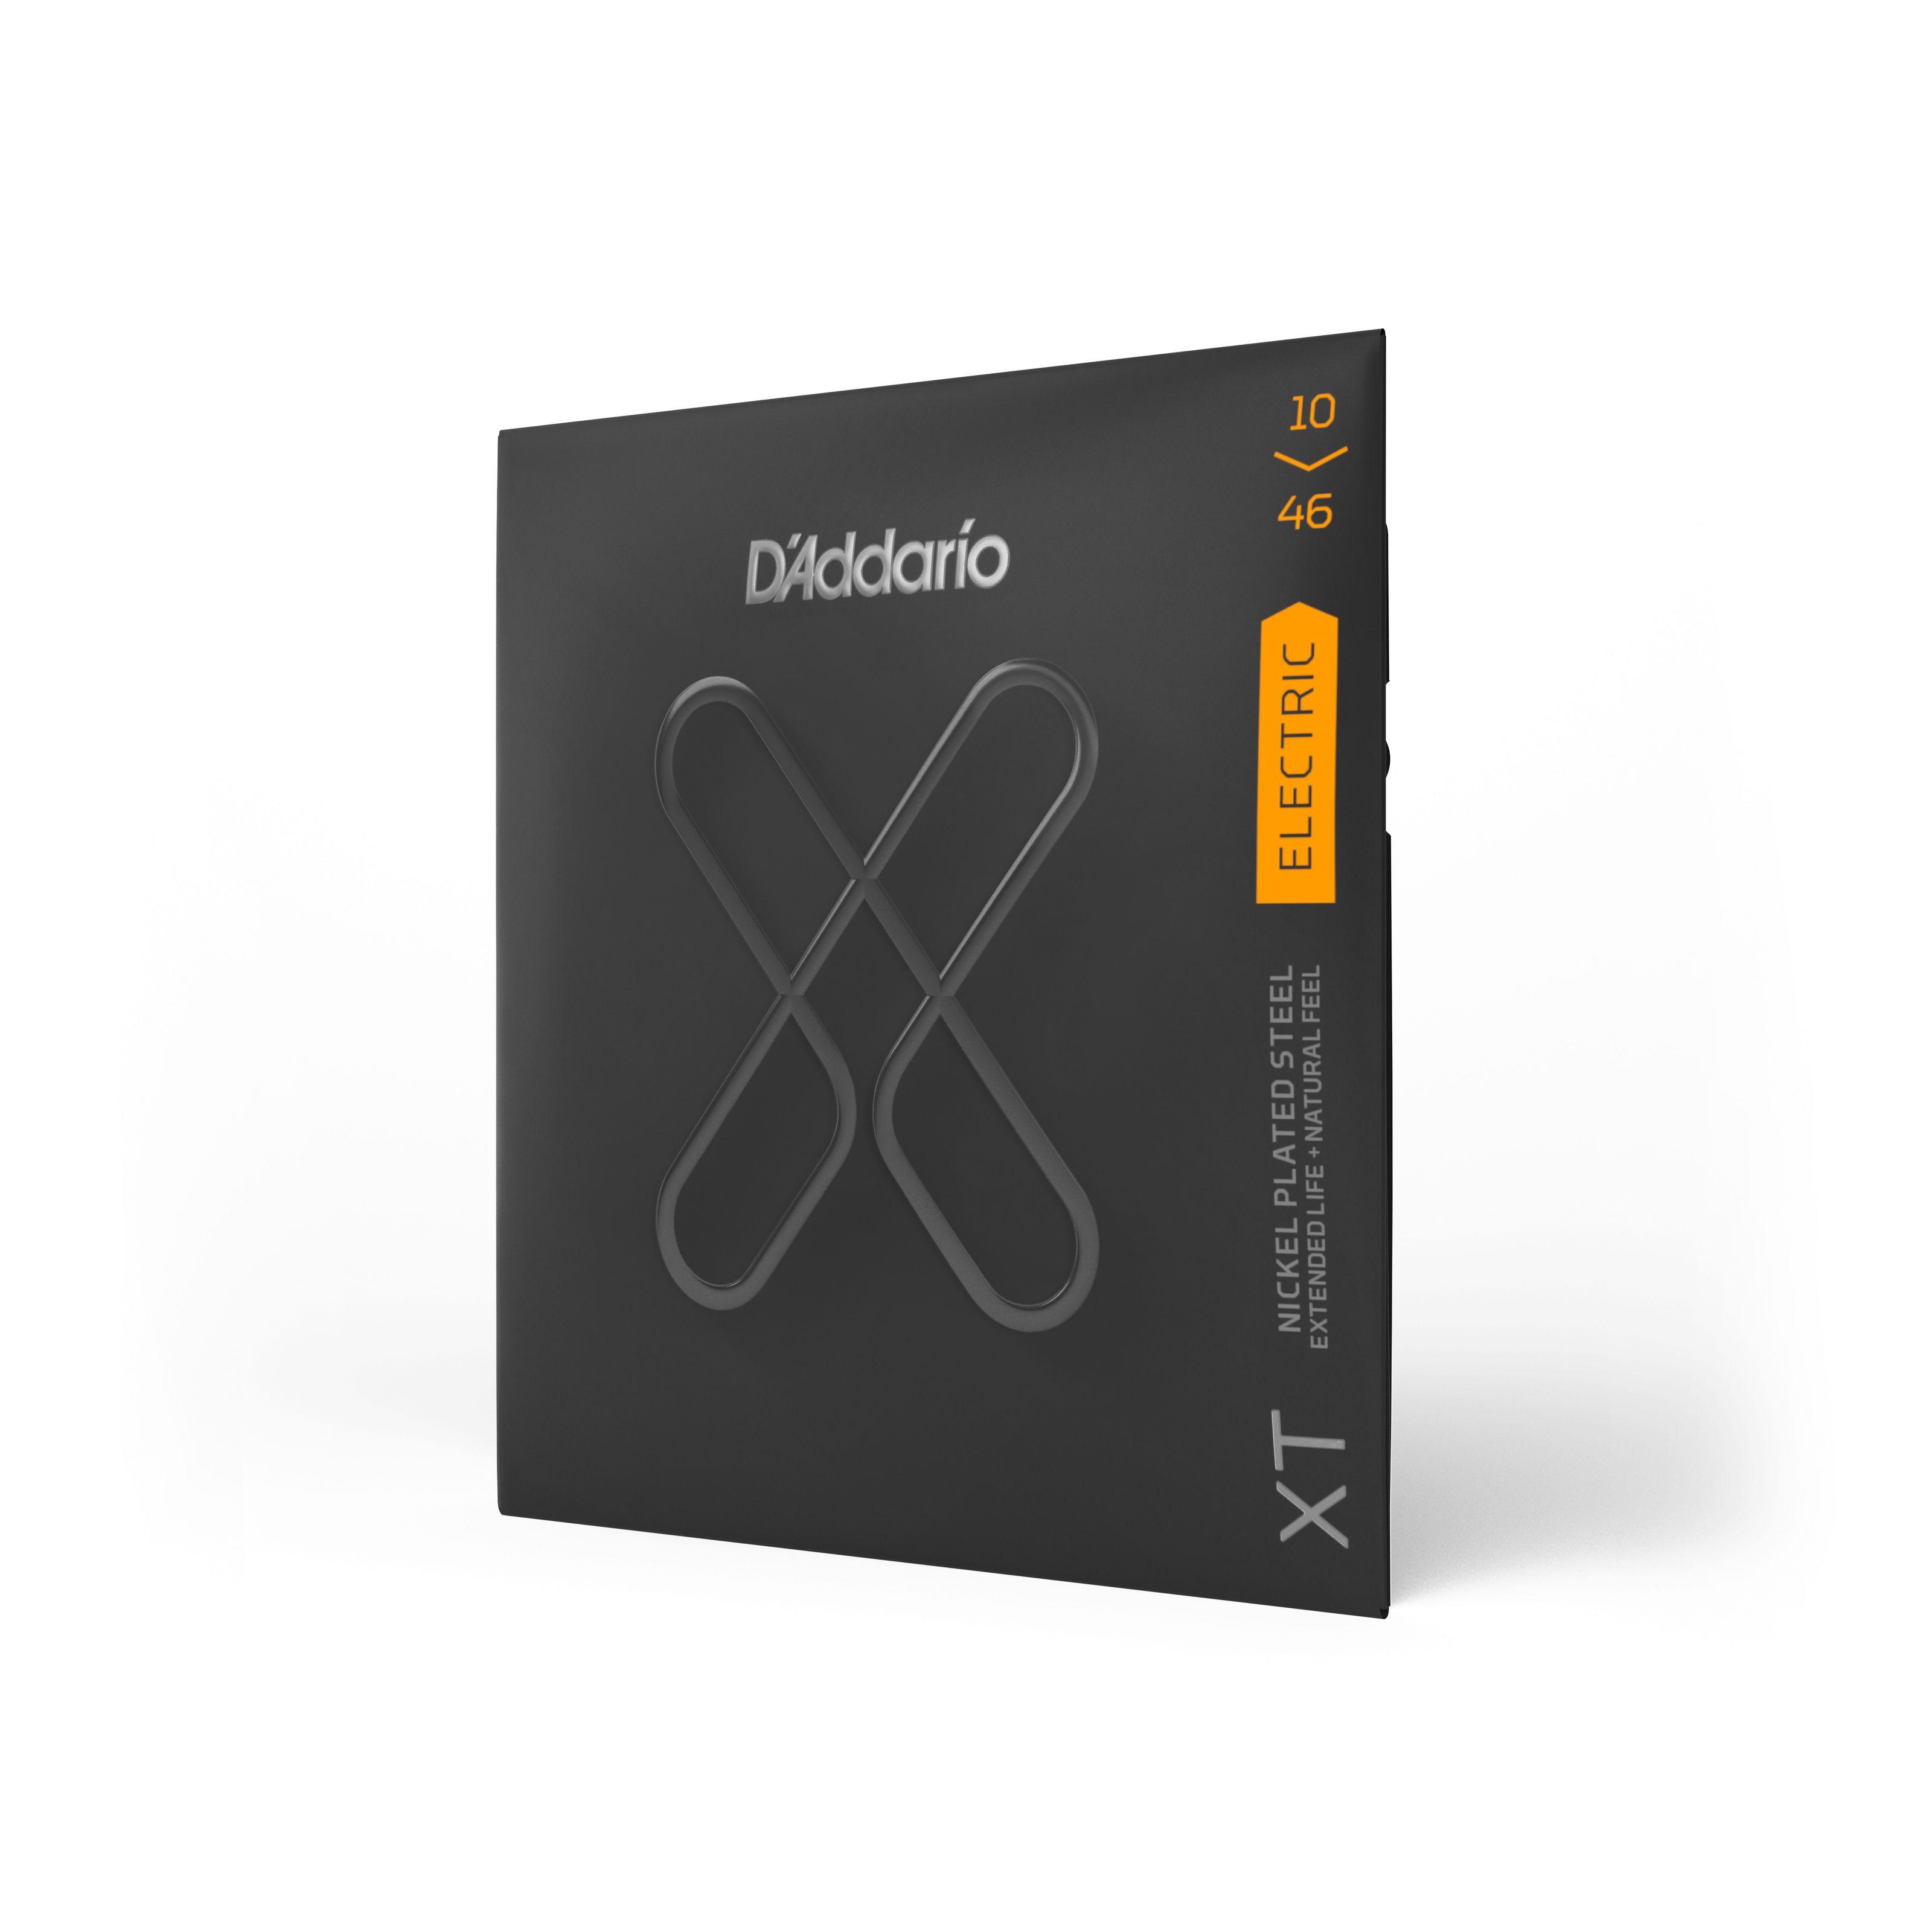 D/'Addario XTE1046 XT 10-46